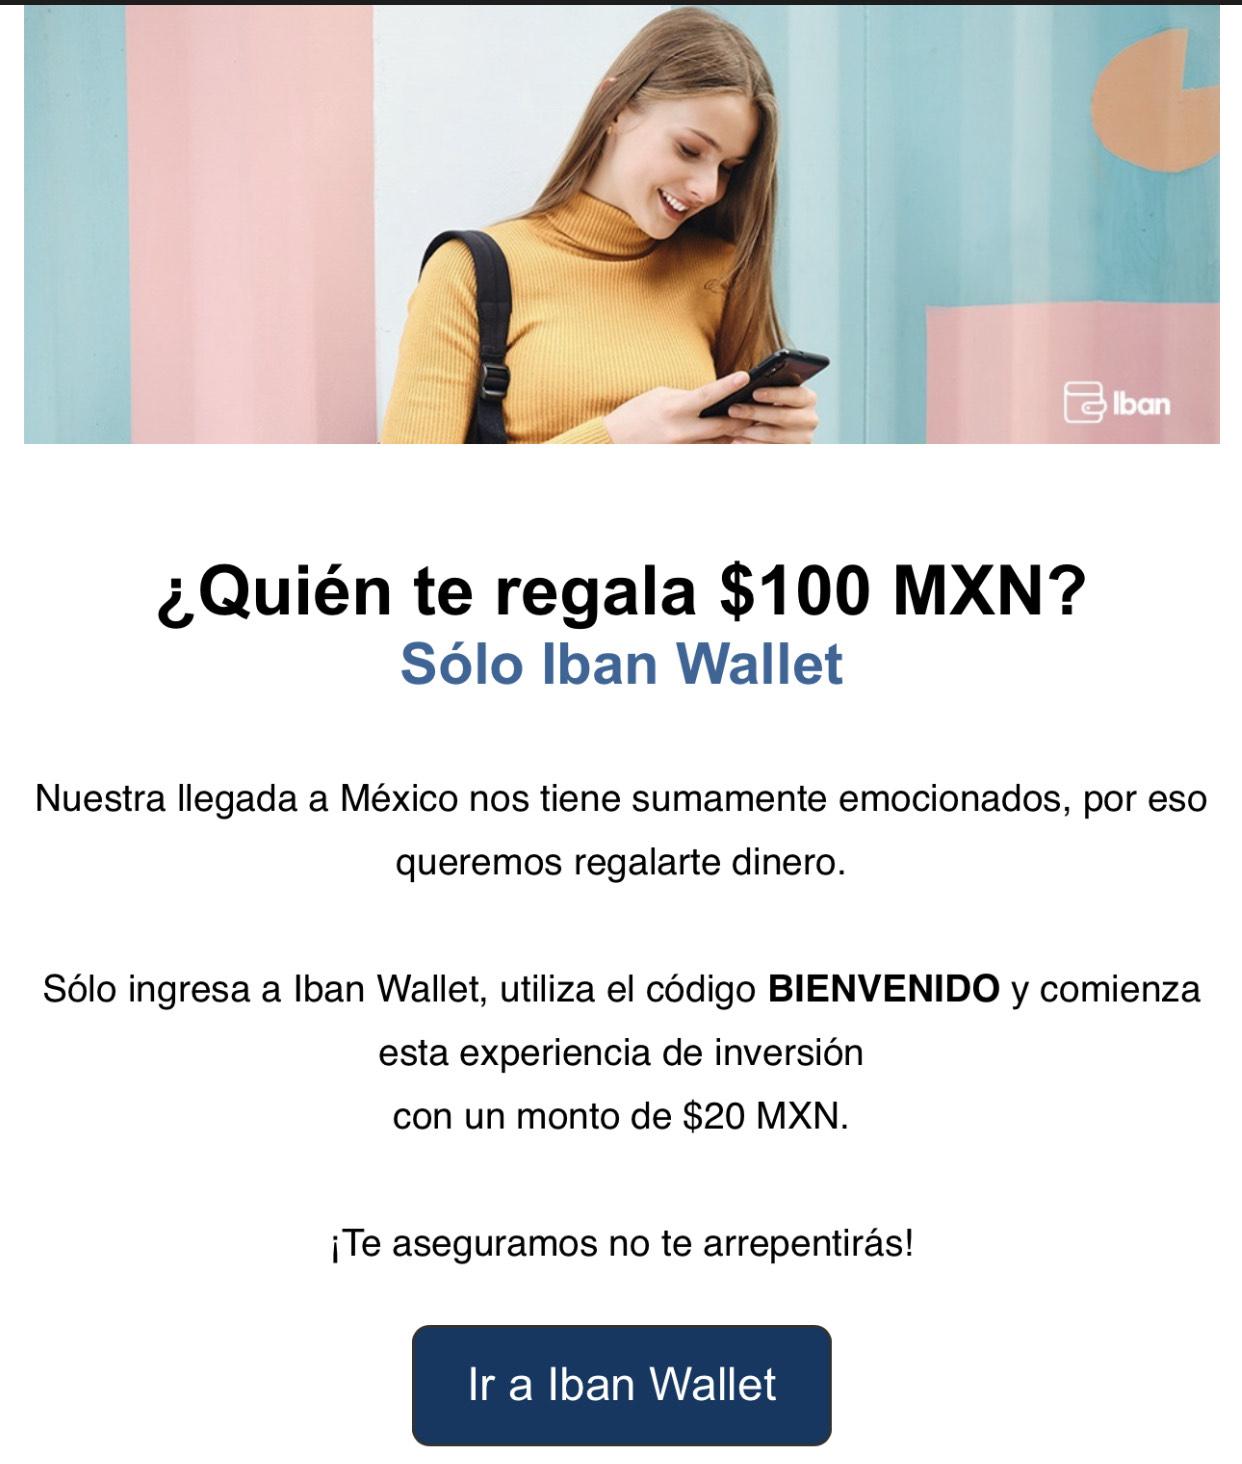 Iban Wallet: $100 Gratis Depositando $20